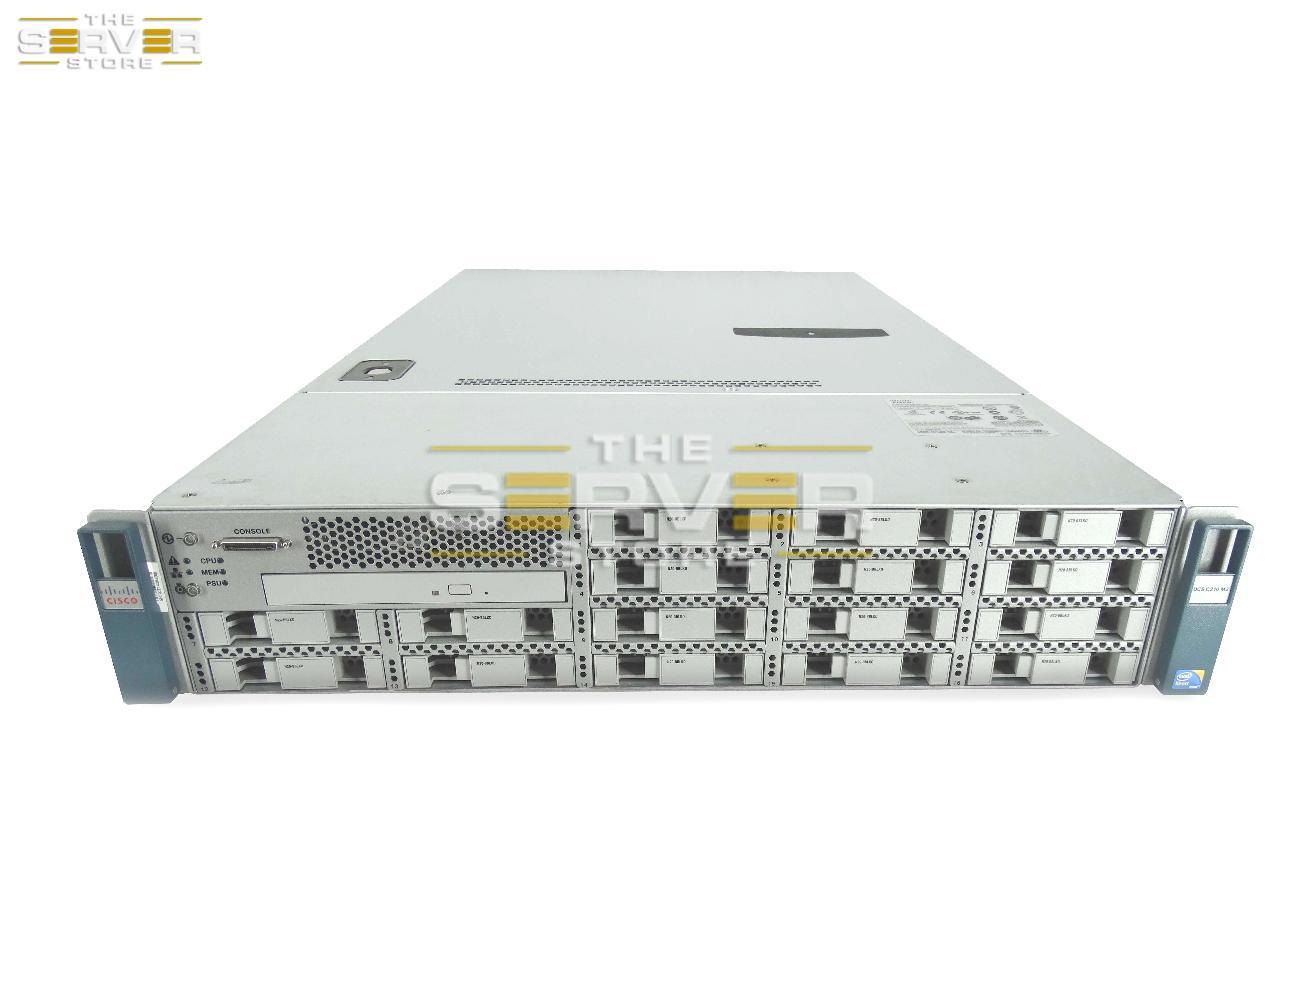 Cisco UCS C210 M2 16x SFF 2U Server